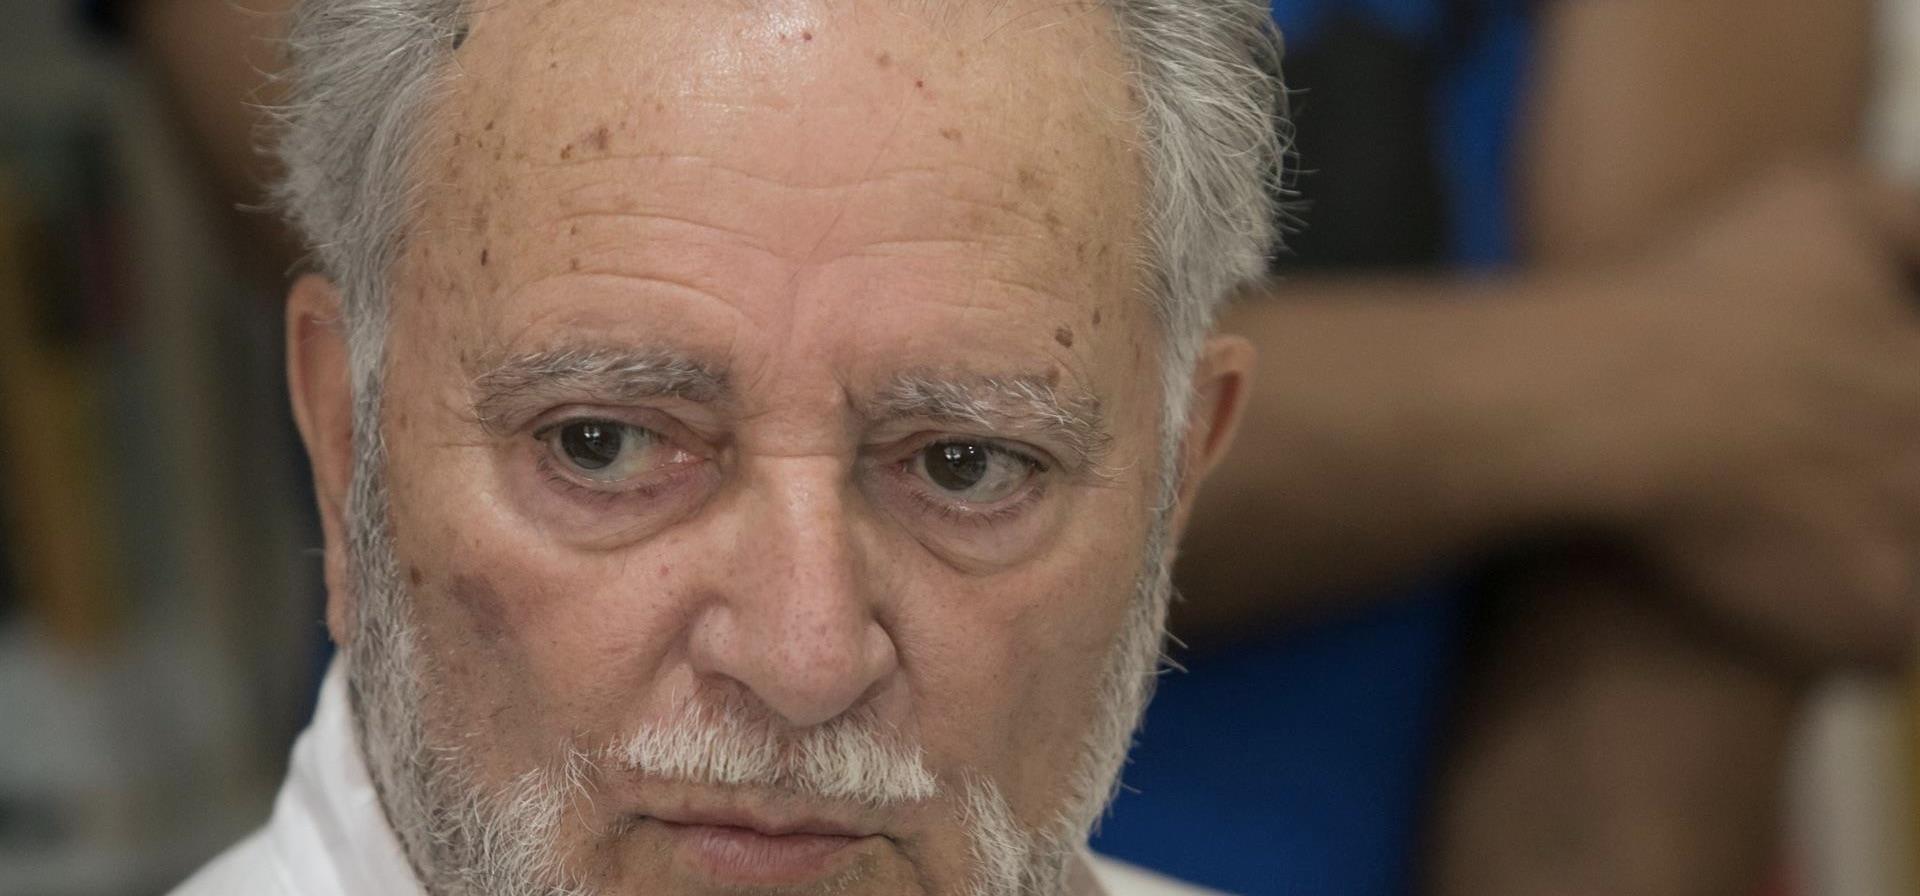 Hoy ha fallecido Julio Ánguita, un política que dominó las artes de la comuniación y la oratoria en sus distintas responsabilidades. Tenía 73 años.